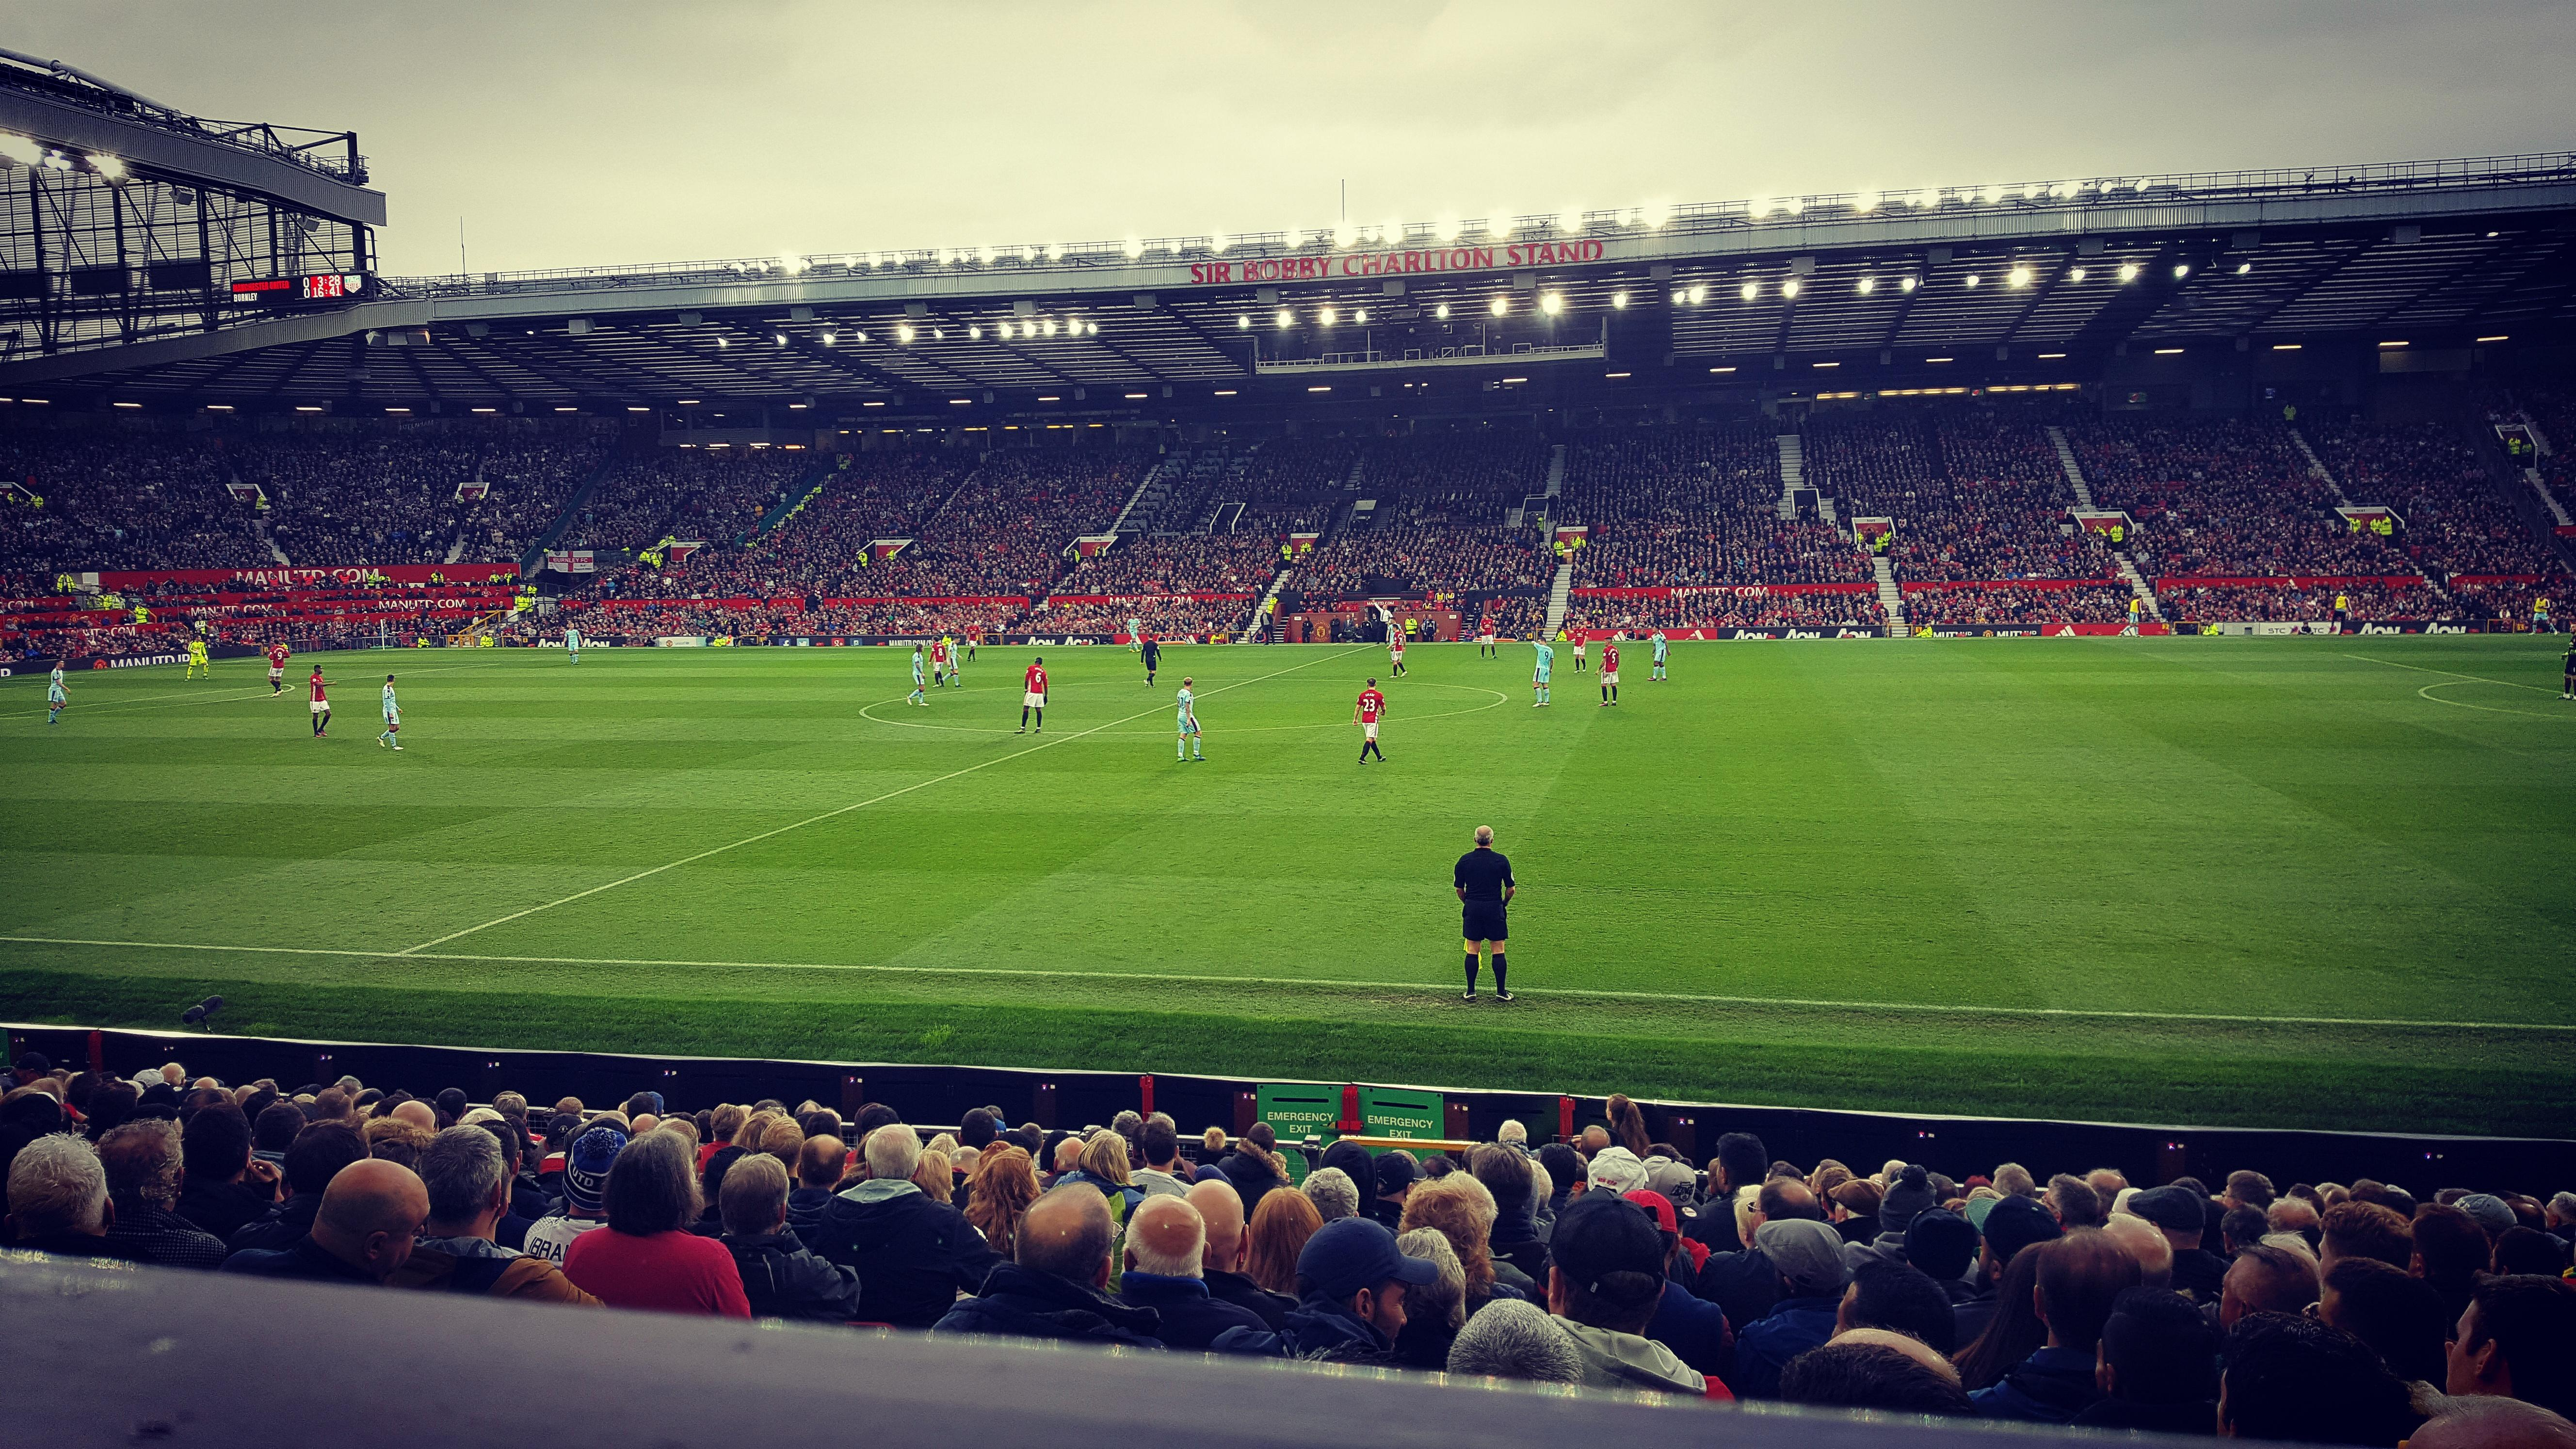 Old Trafford Section Sir Alex Ferguson Stand